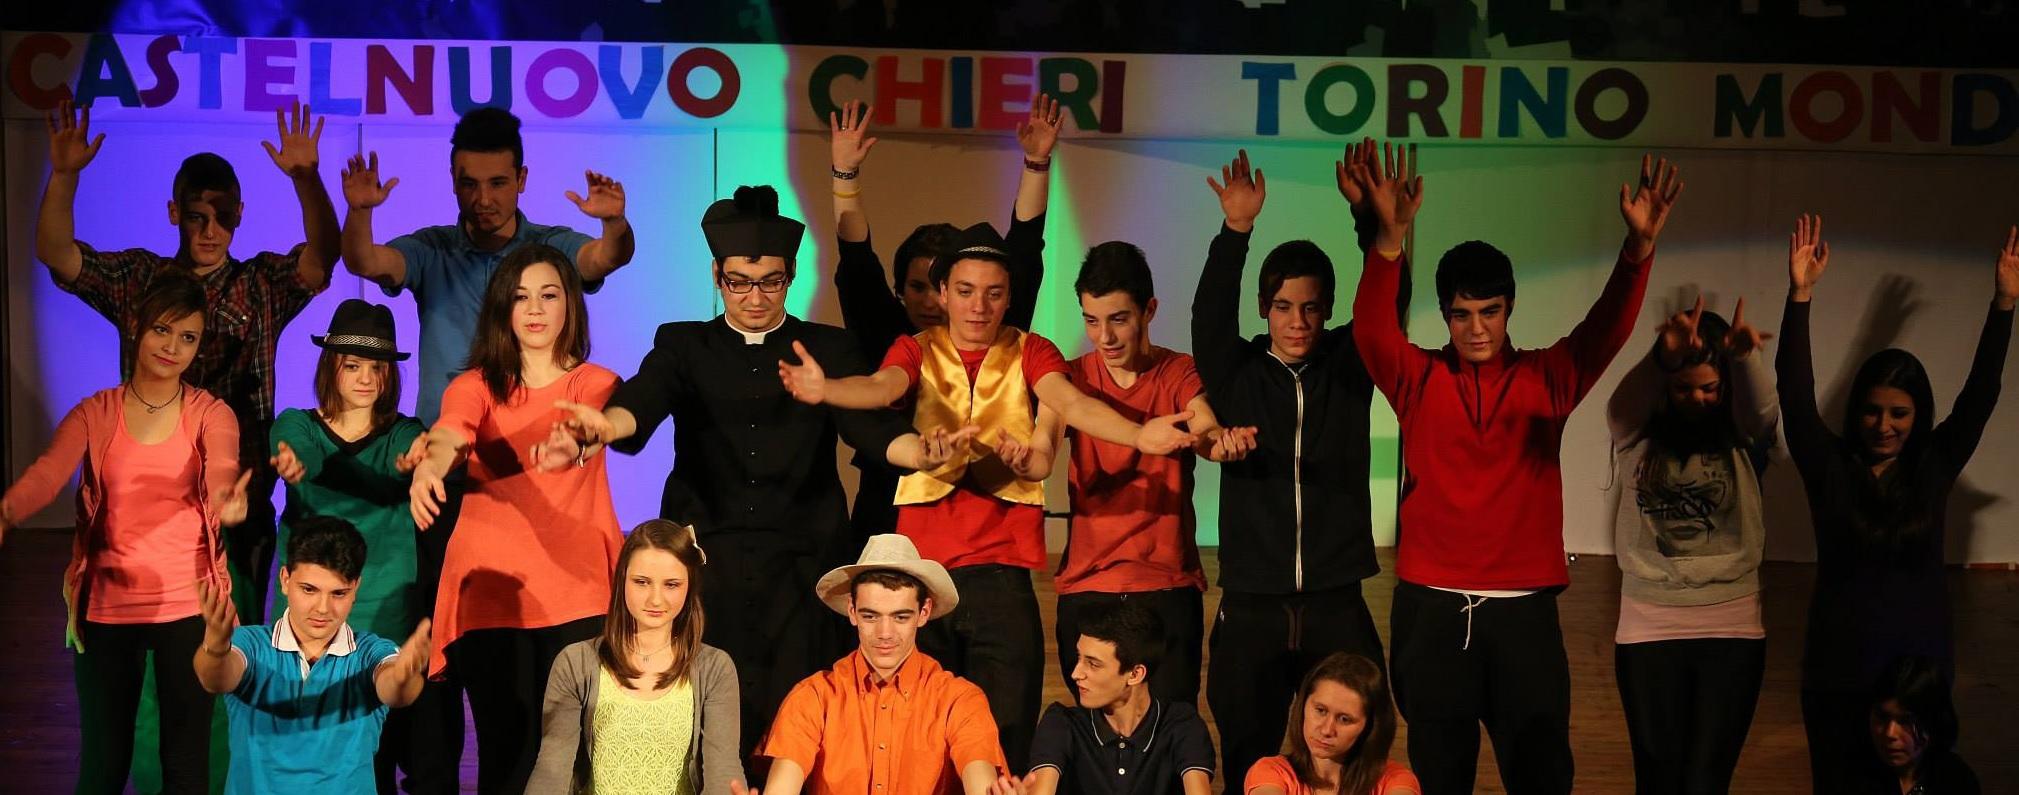 CFP Chieri: 120 giovani in scena per don Bosco